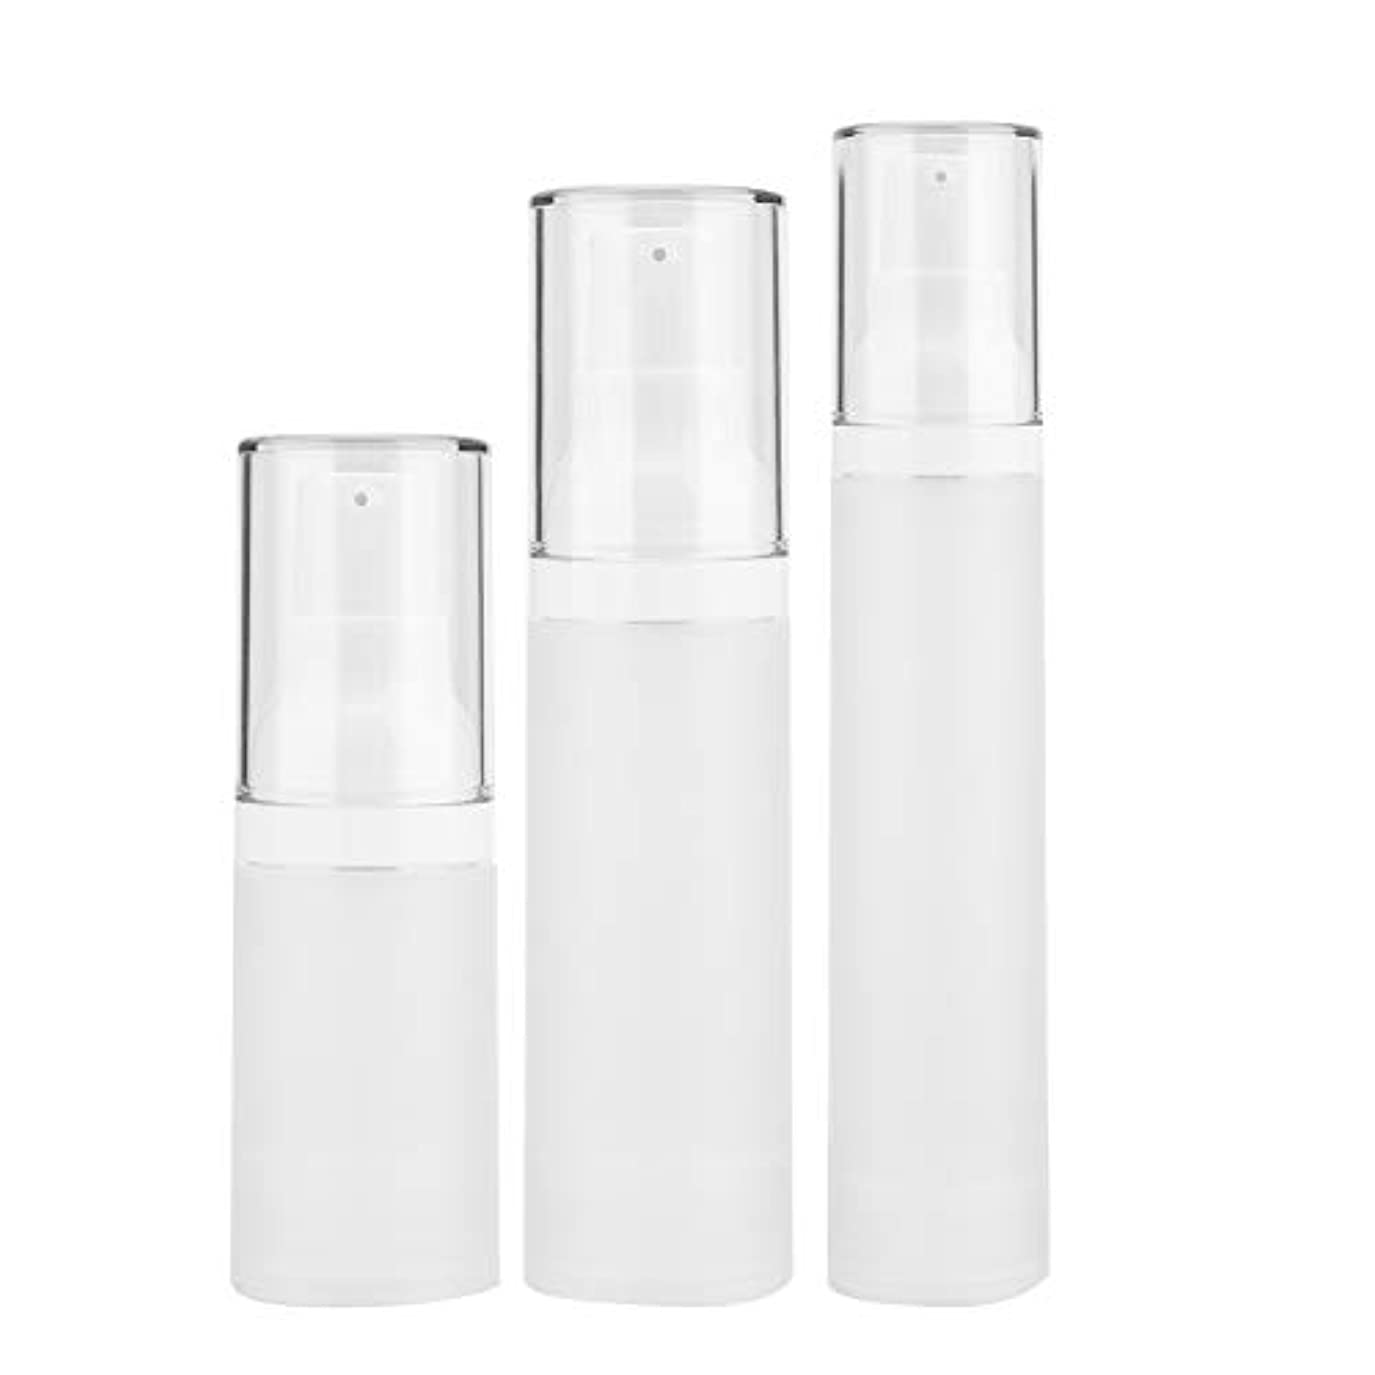 慎重創始者パラメータ3本入りトラベルボトルセット - 化粧品旅行用容器、化粧品容器が空の化粧品容器付きペットボトル - シャンプーとスプレー用(3 pcs)